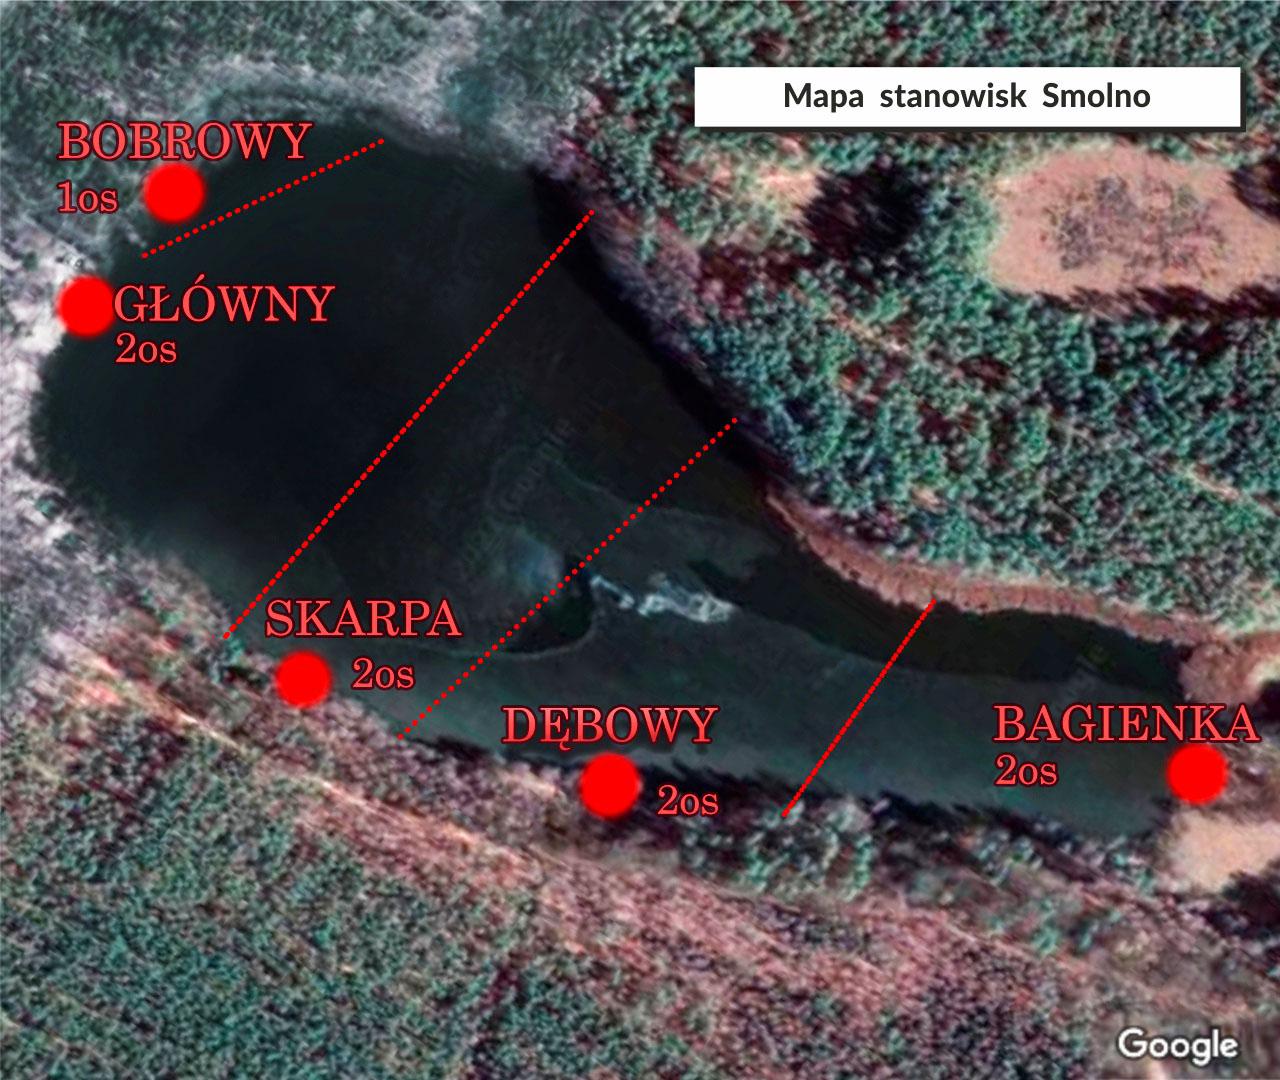 Mapa stanowisk wędkarskich Smolno